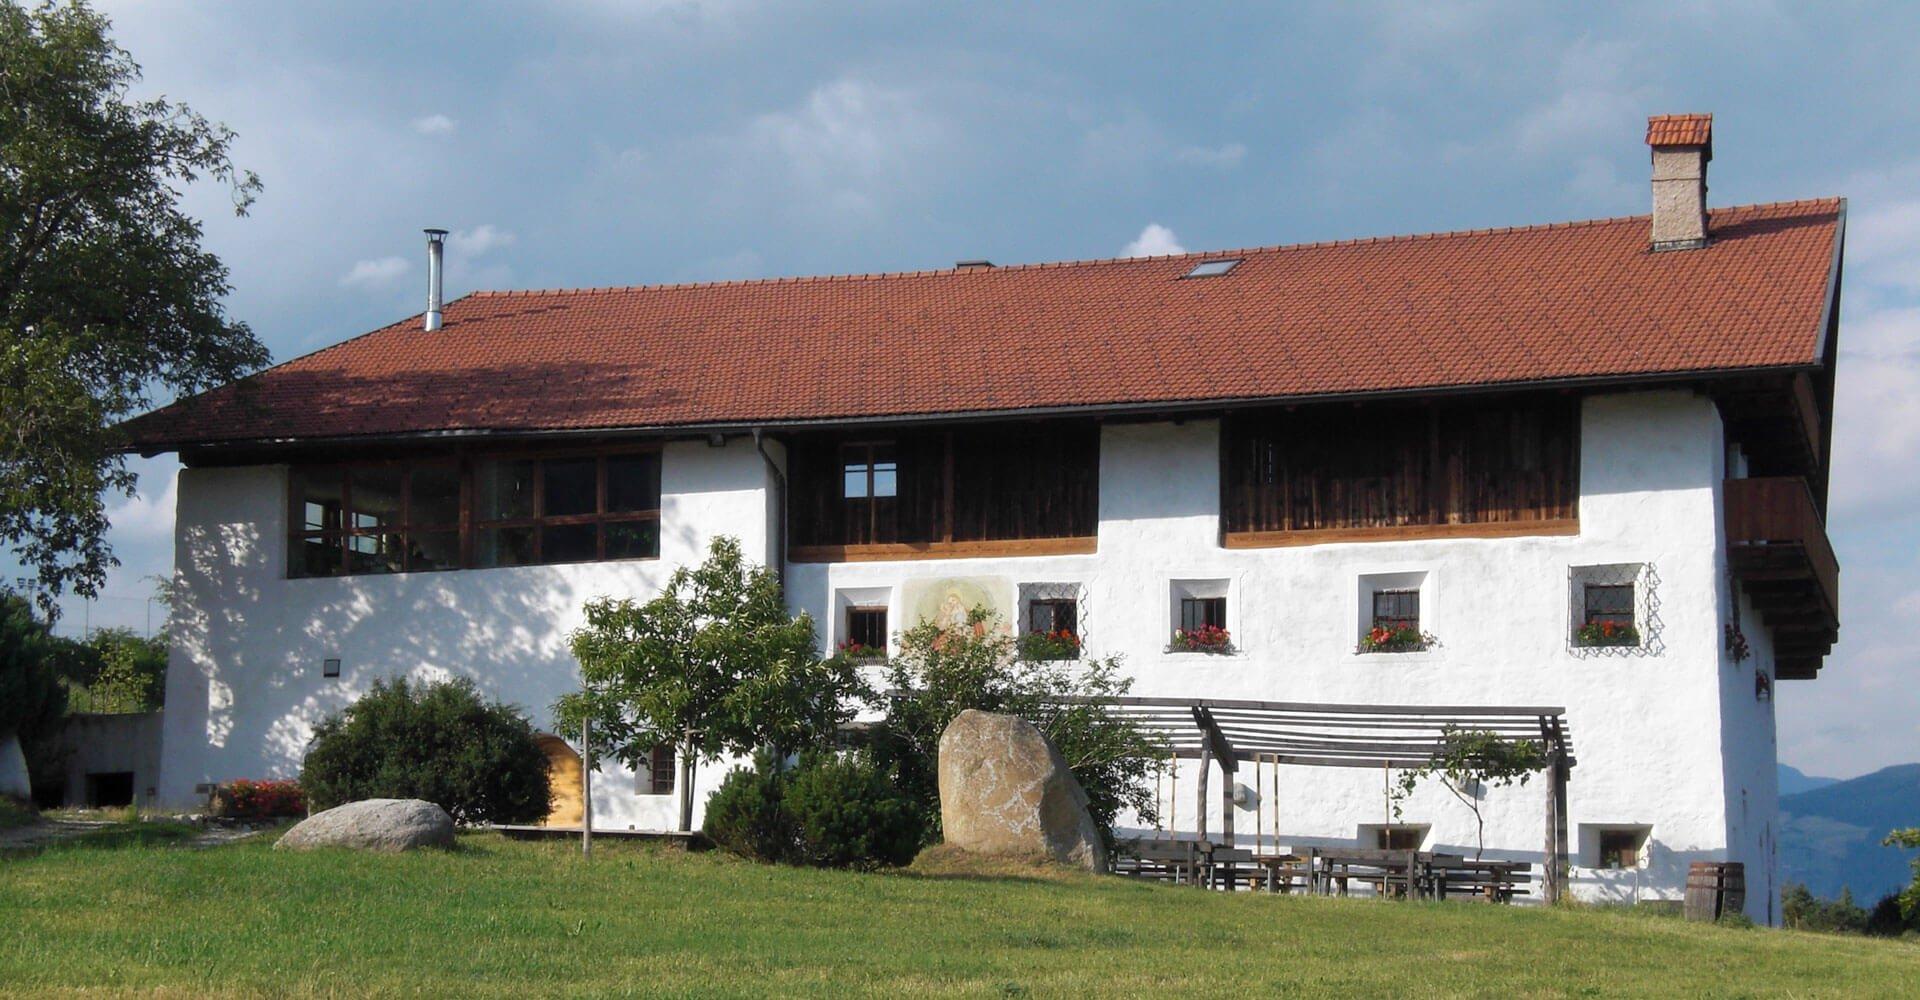 haidnerhof-weinbauernhof-brixen